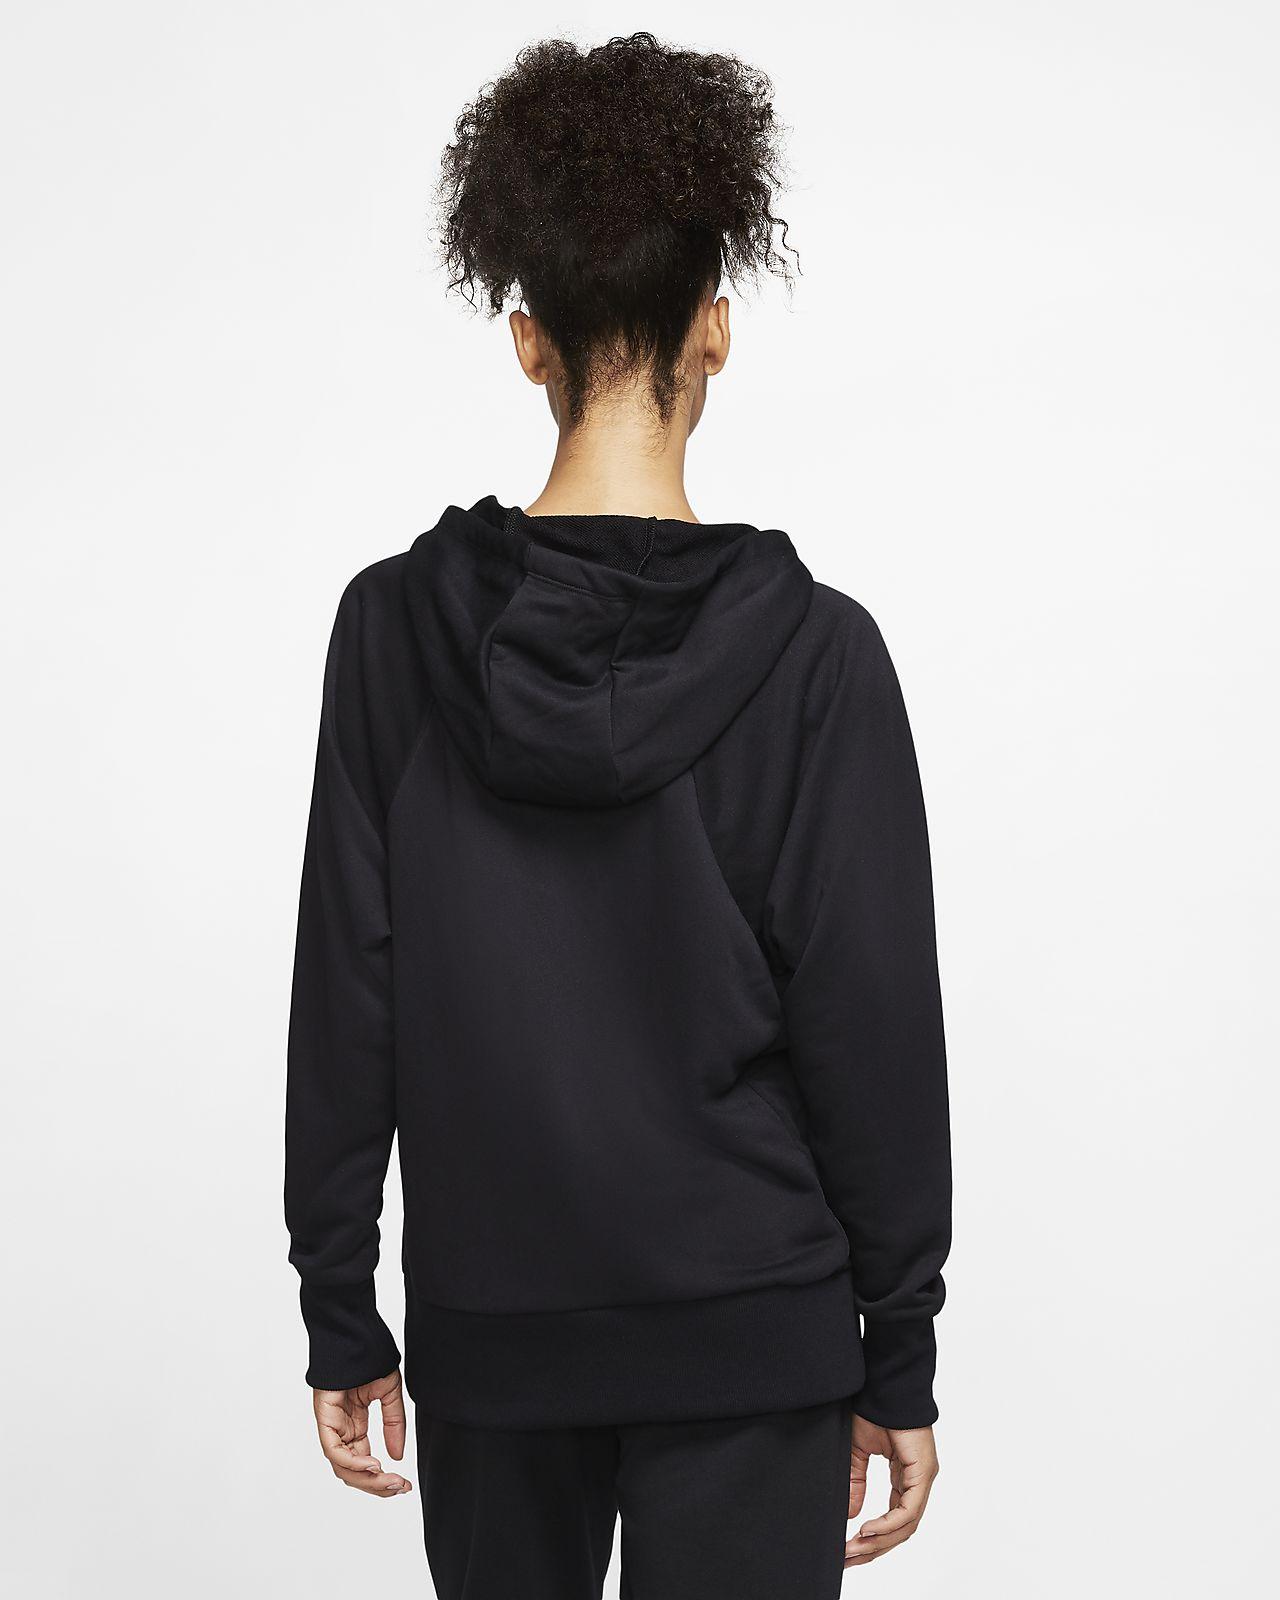 Nike Dri FIT Get Fit Fleece Trainings Hoodie mit durchgehendem Reißverschluss für Damen